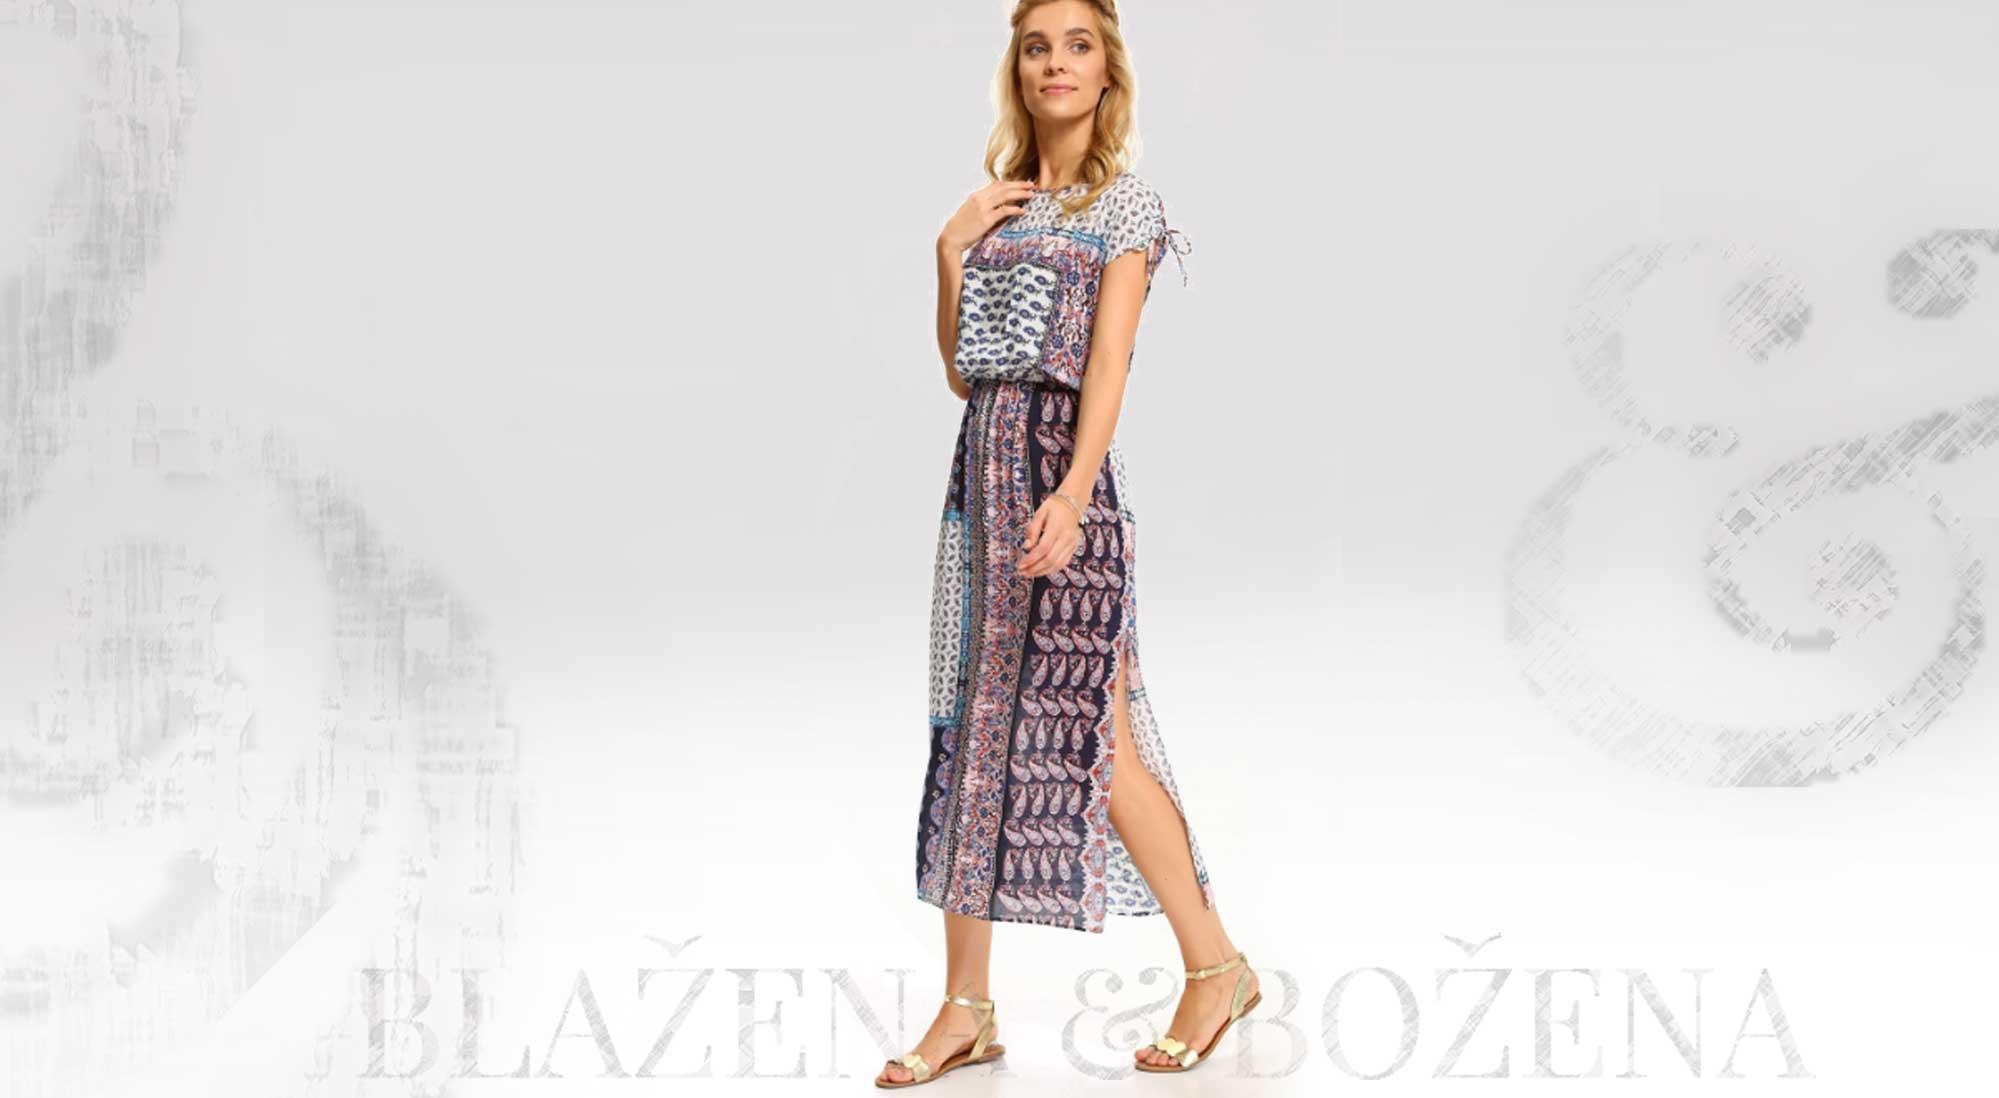 Vzorované dlouhé letní šaty – Blažena Božena f7dcef5a2b